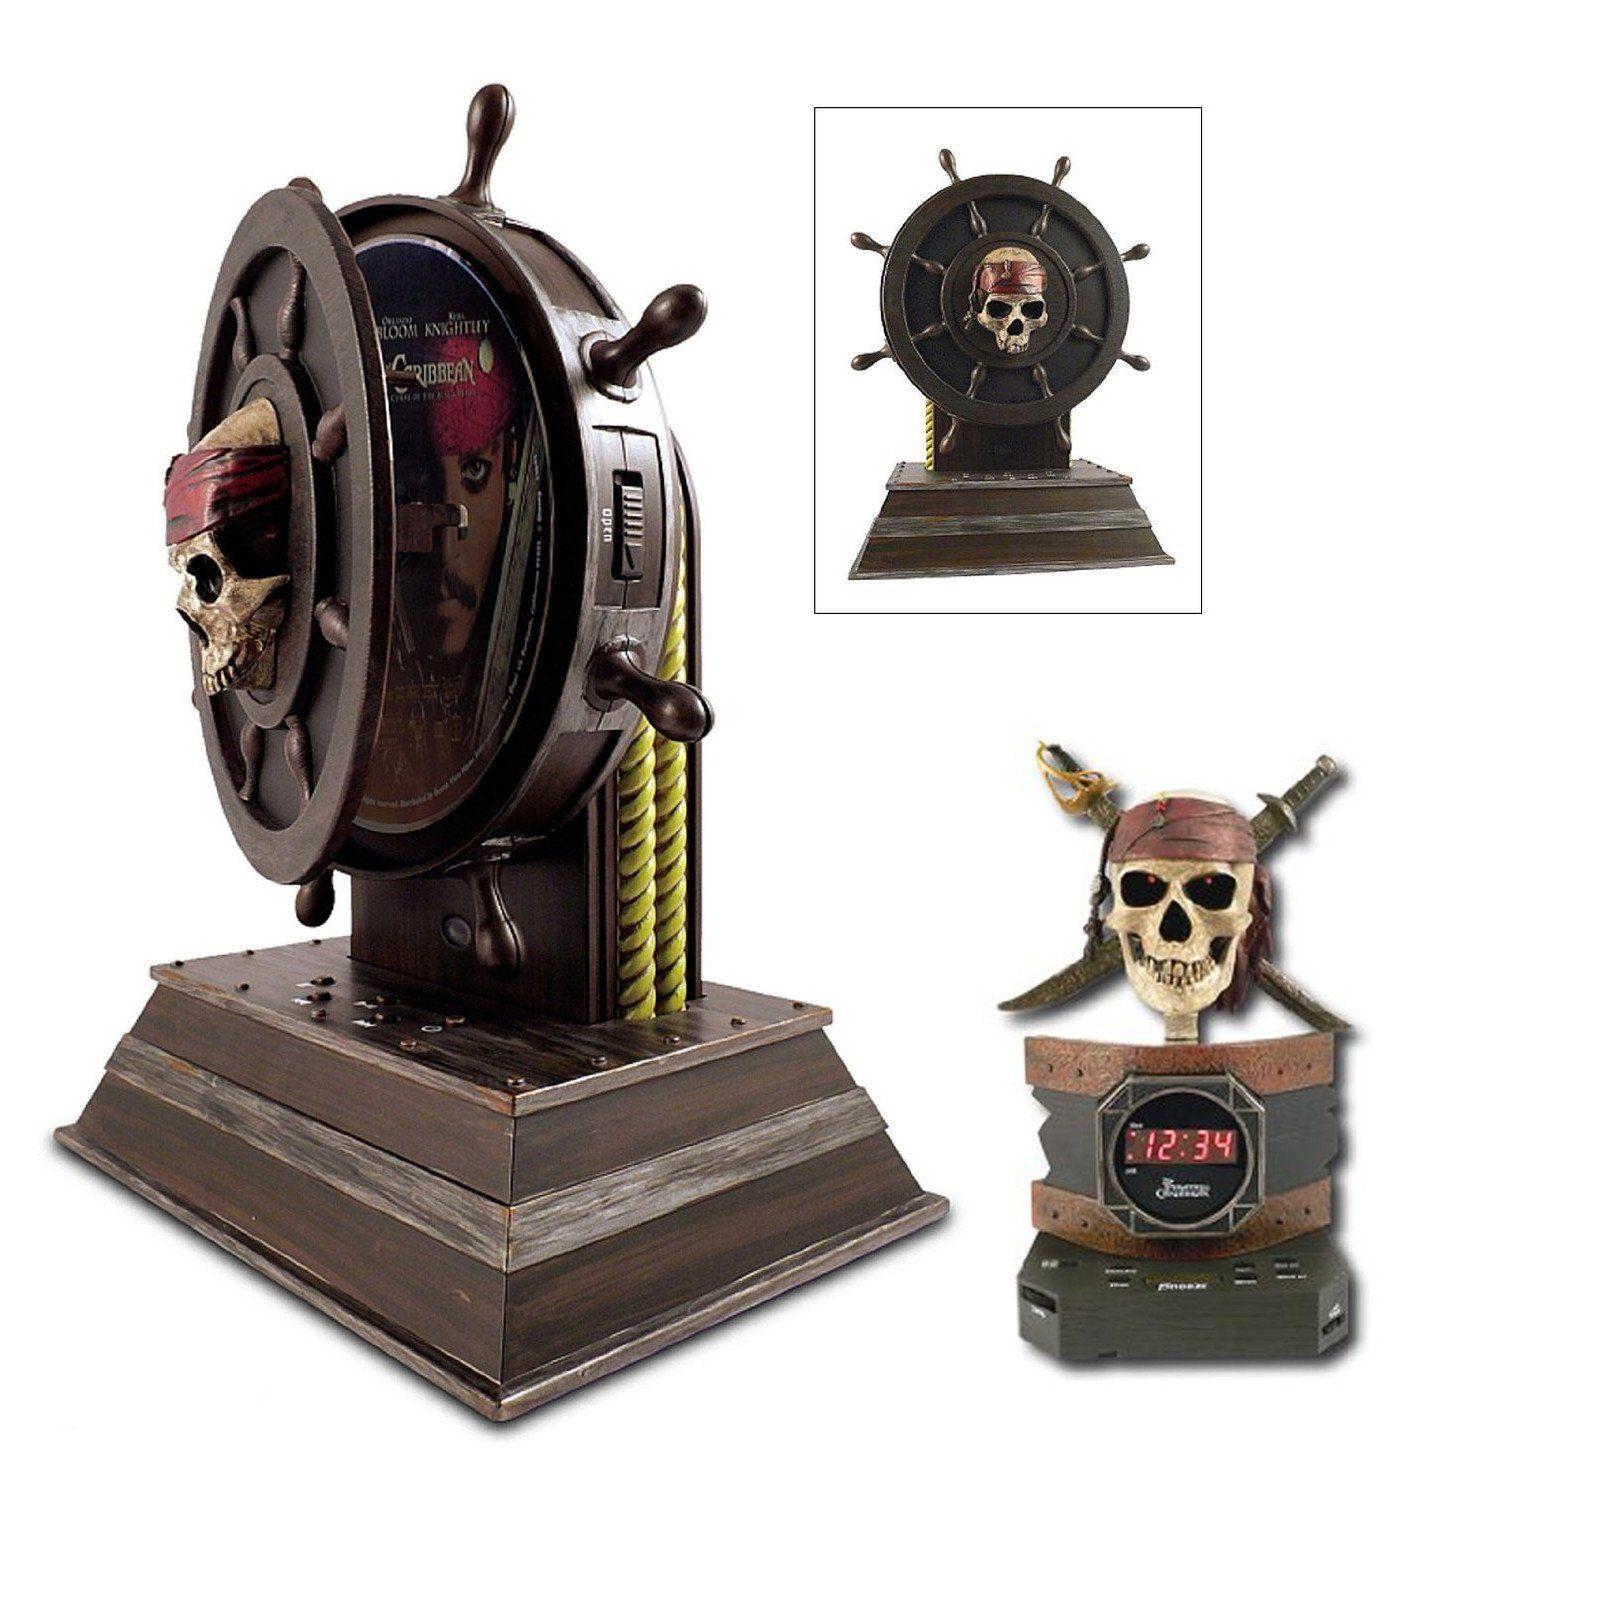 Disney Pirates of the Caribbean Alarm Clock Radio